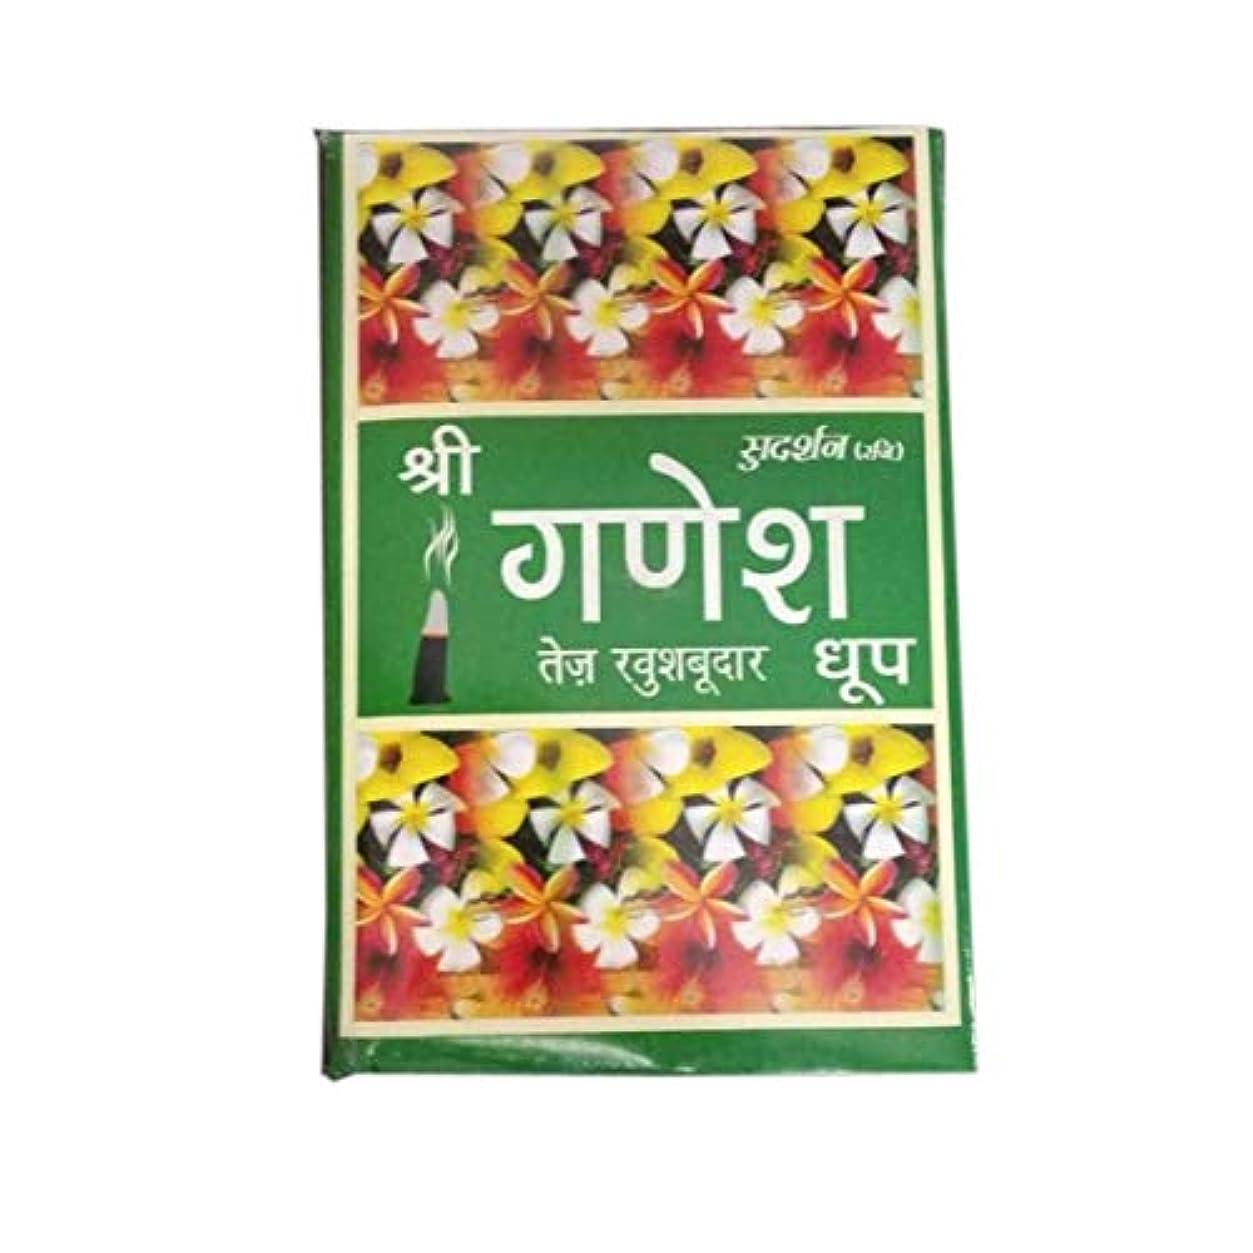 巨大なリビジョンの面ではTotal Home :Sudarshan Shri Ganesh Highly Perfumed dhoop Fragrance for Positivity & Freshness Fragrance Dhoop Batti...